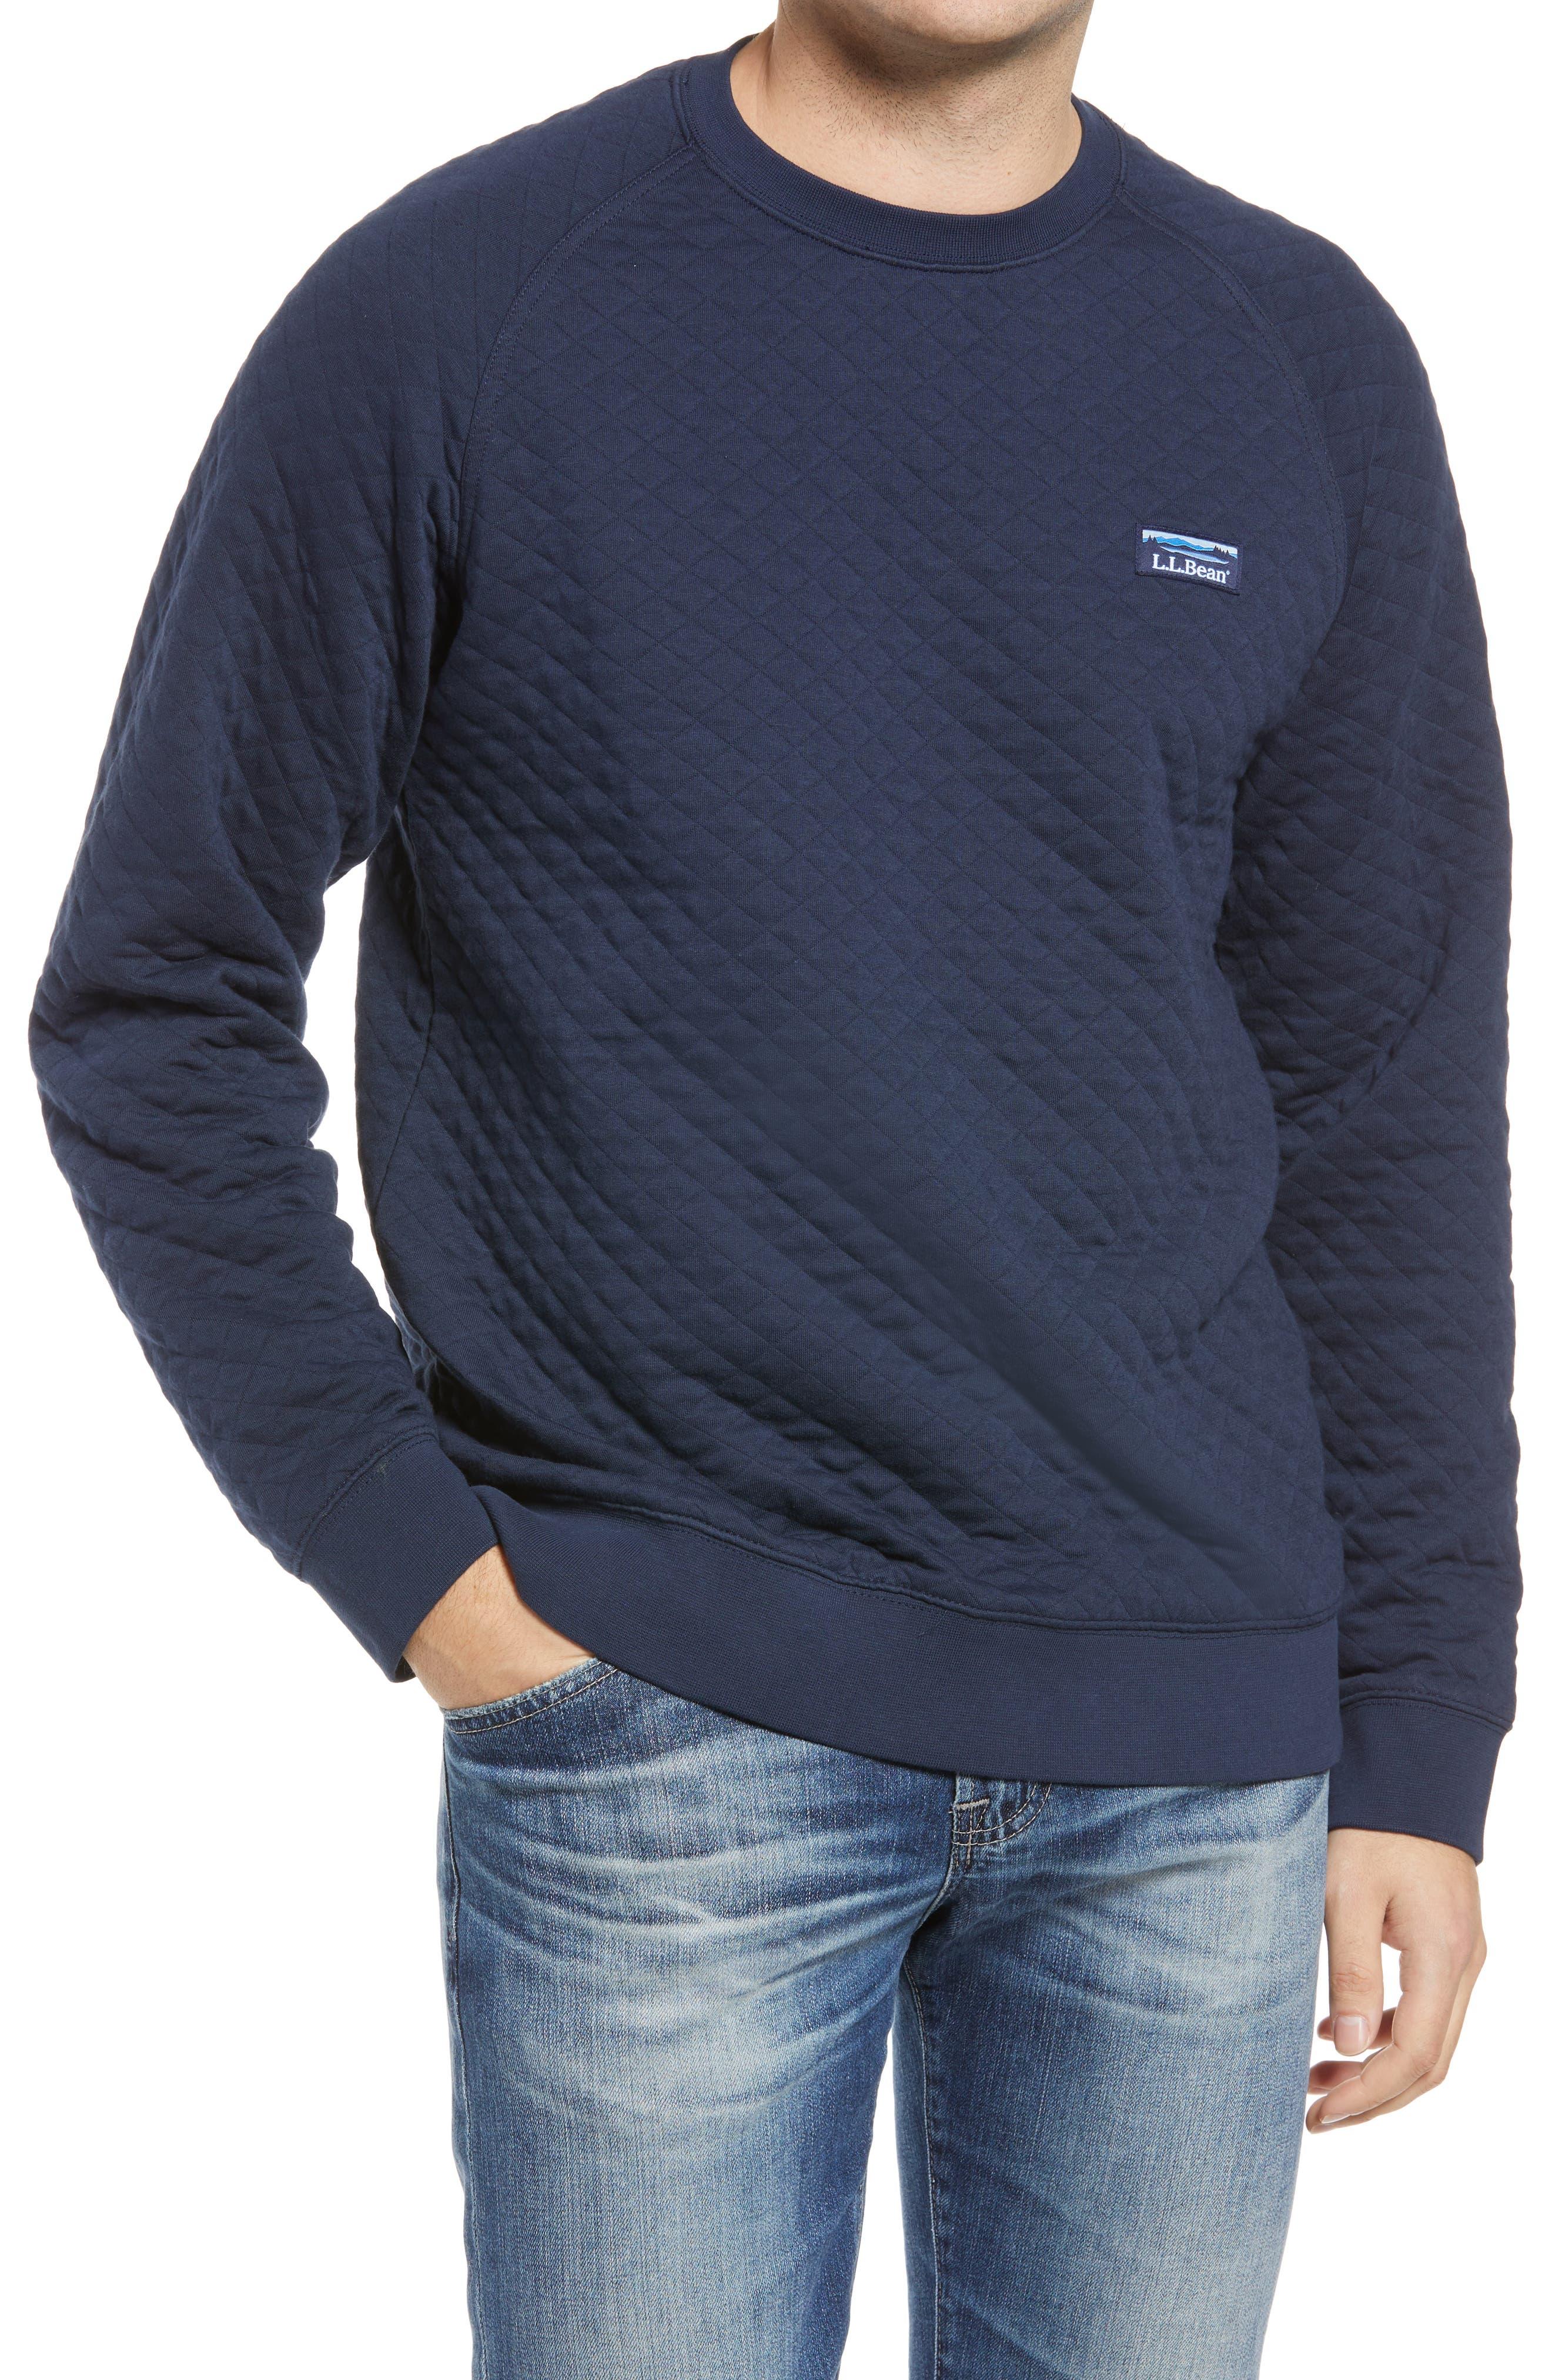 Men's Beans Quilted Crewneck Sweatshirt